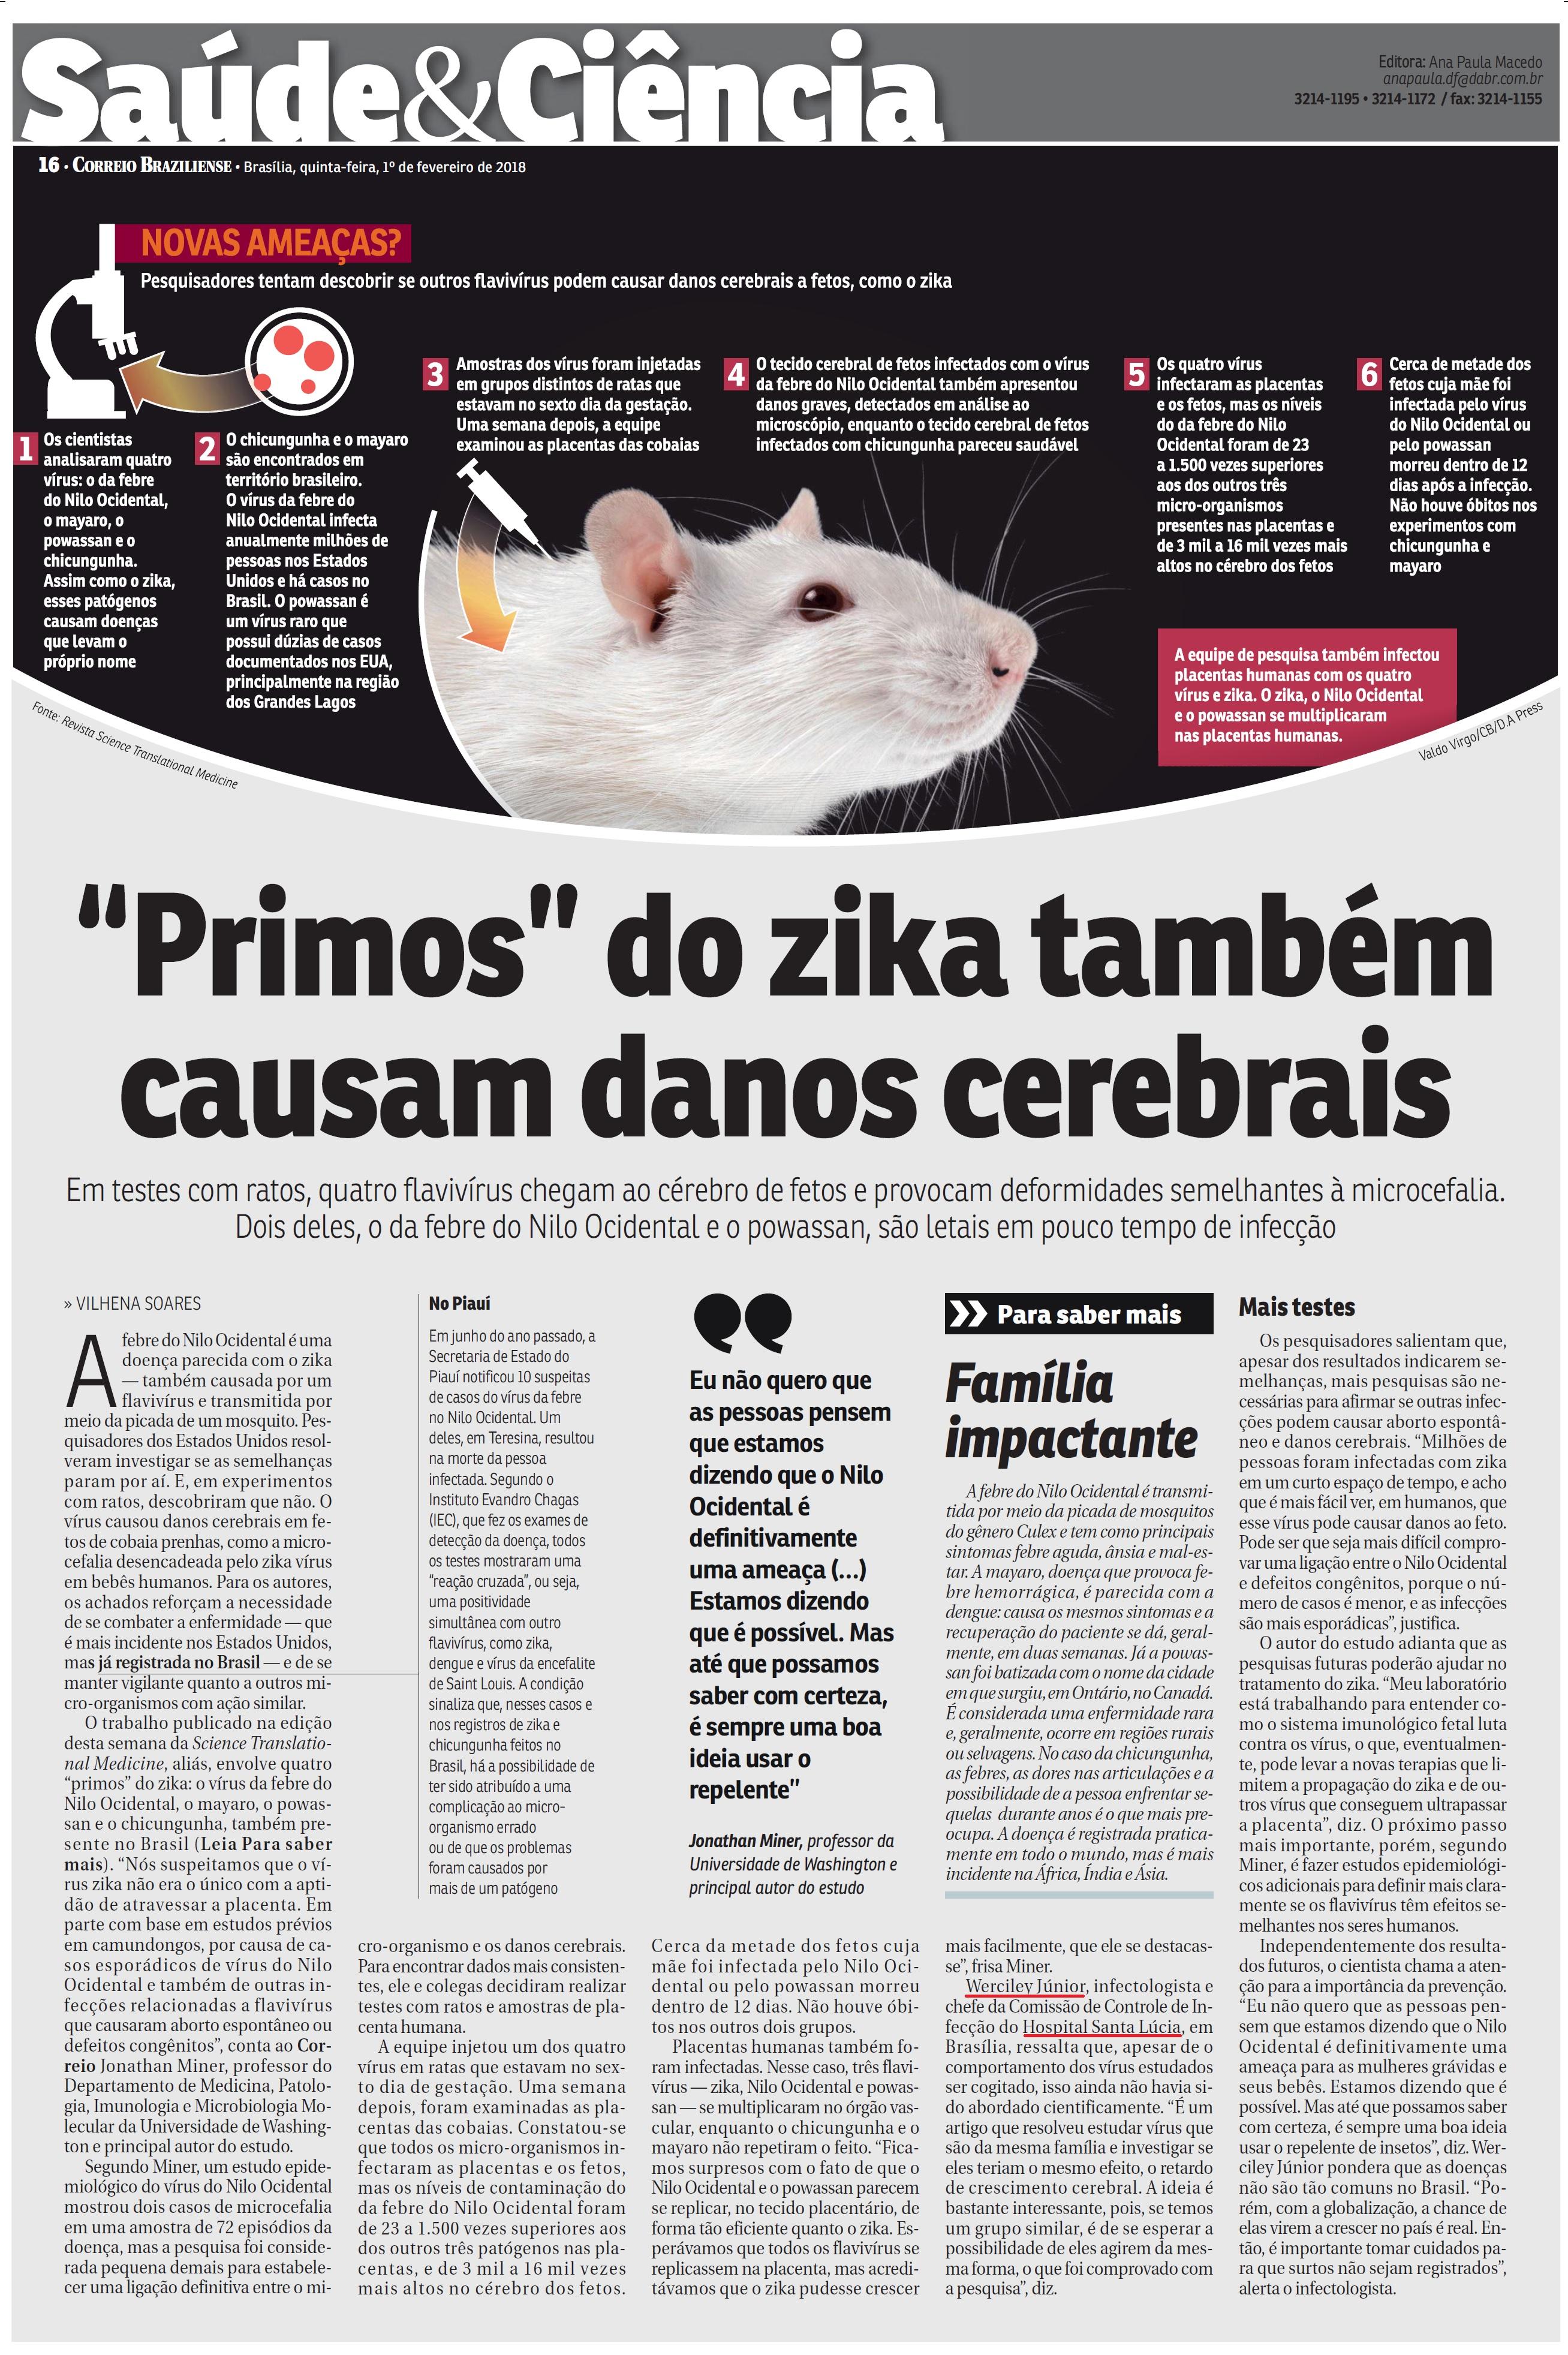 Correio Braziliense - Dr. Werciley Júnior HSLS - 01-02-2018